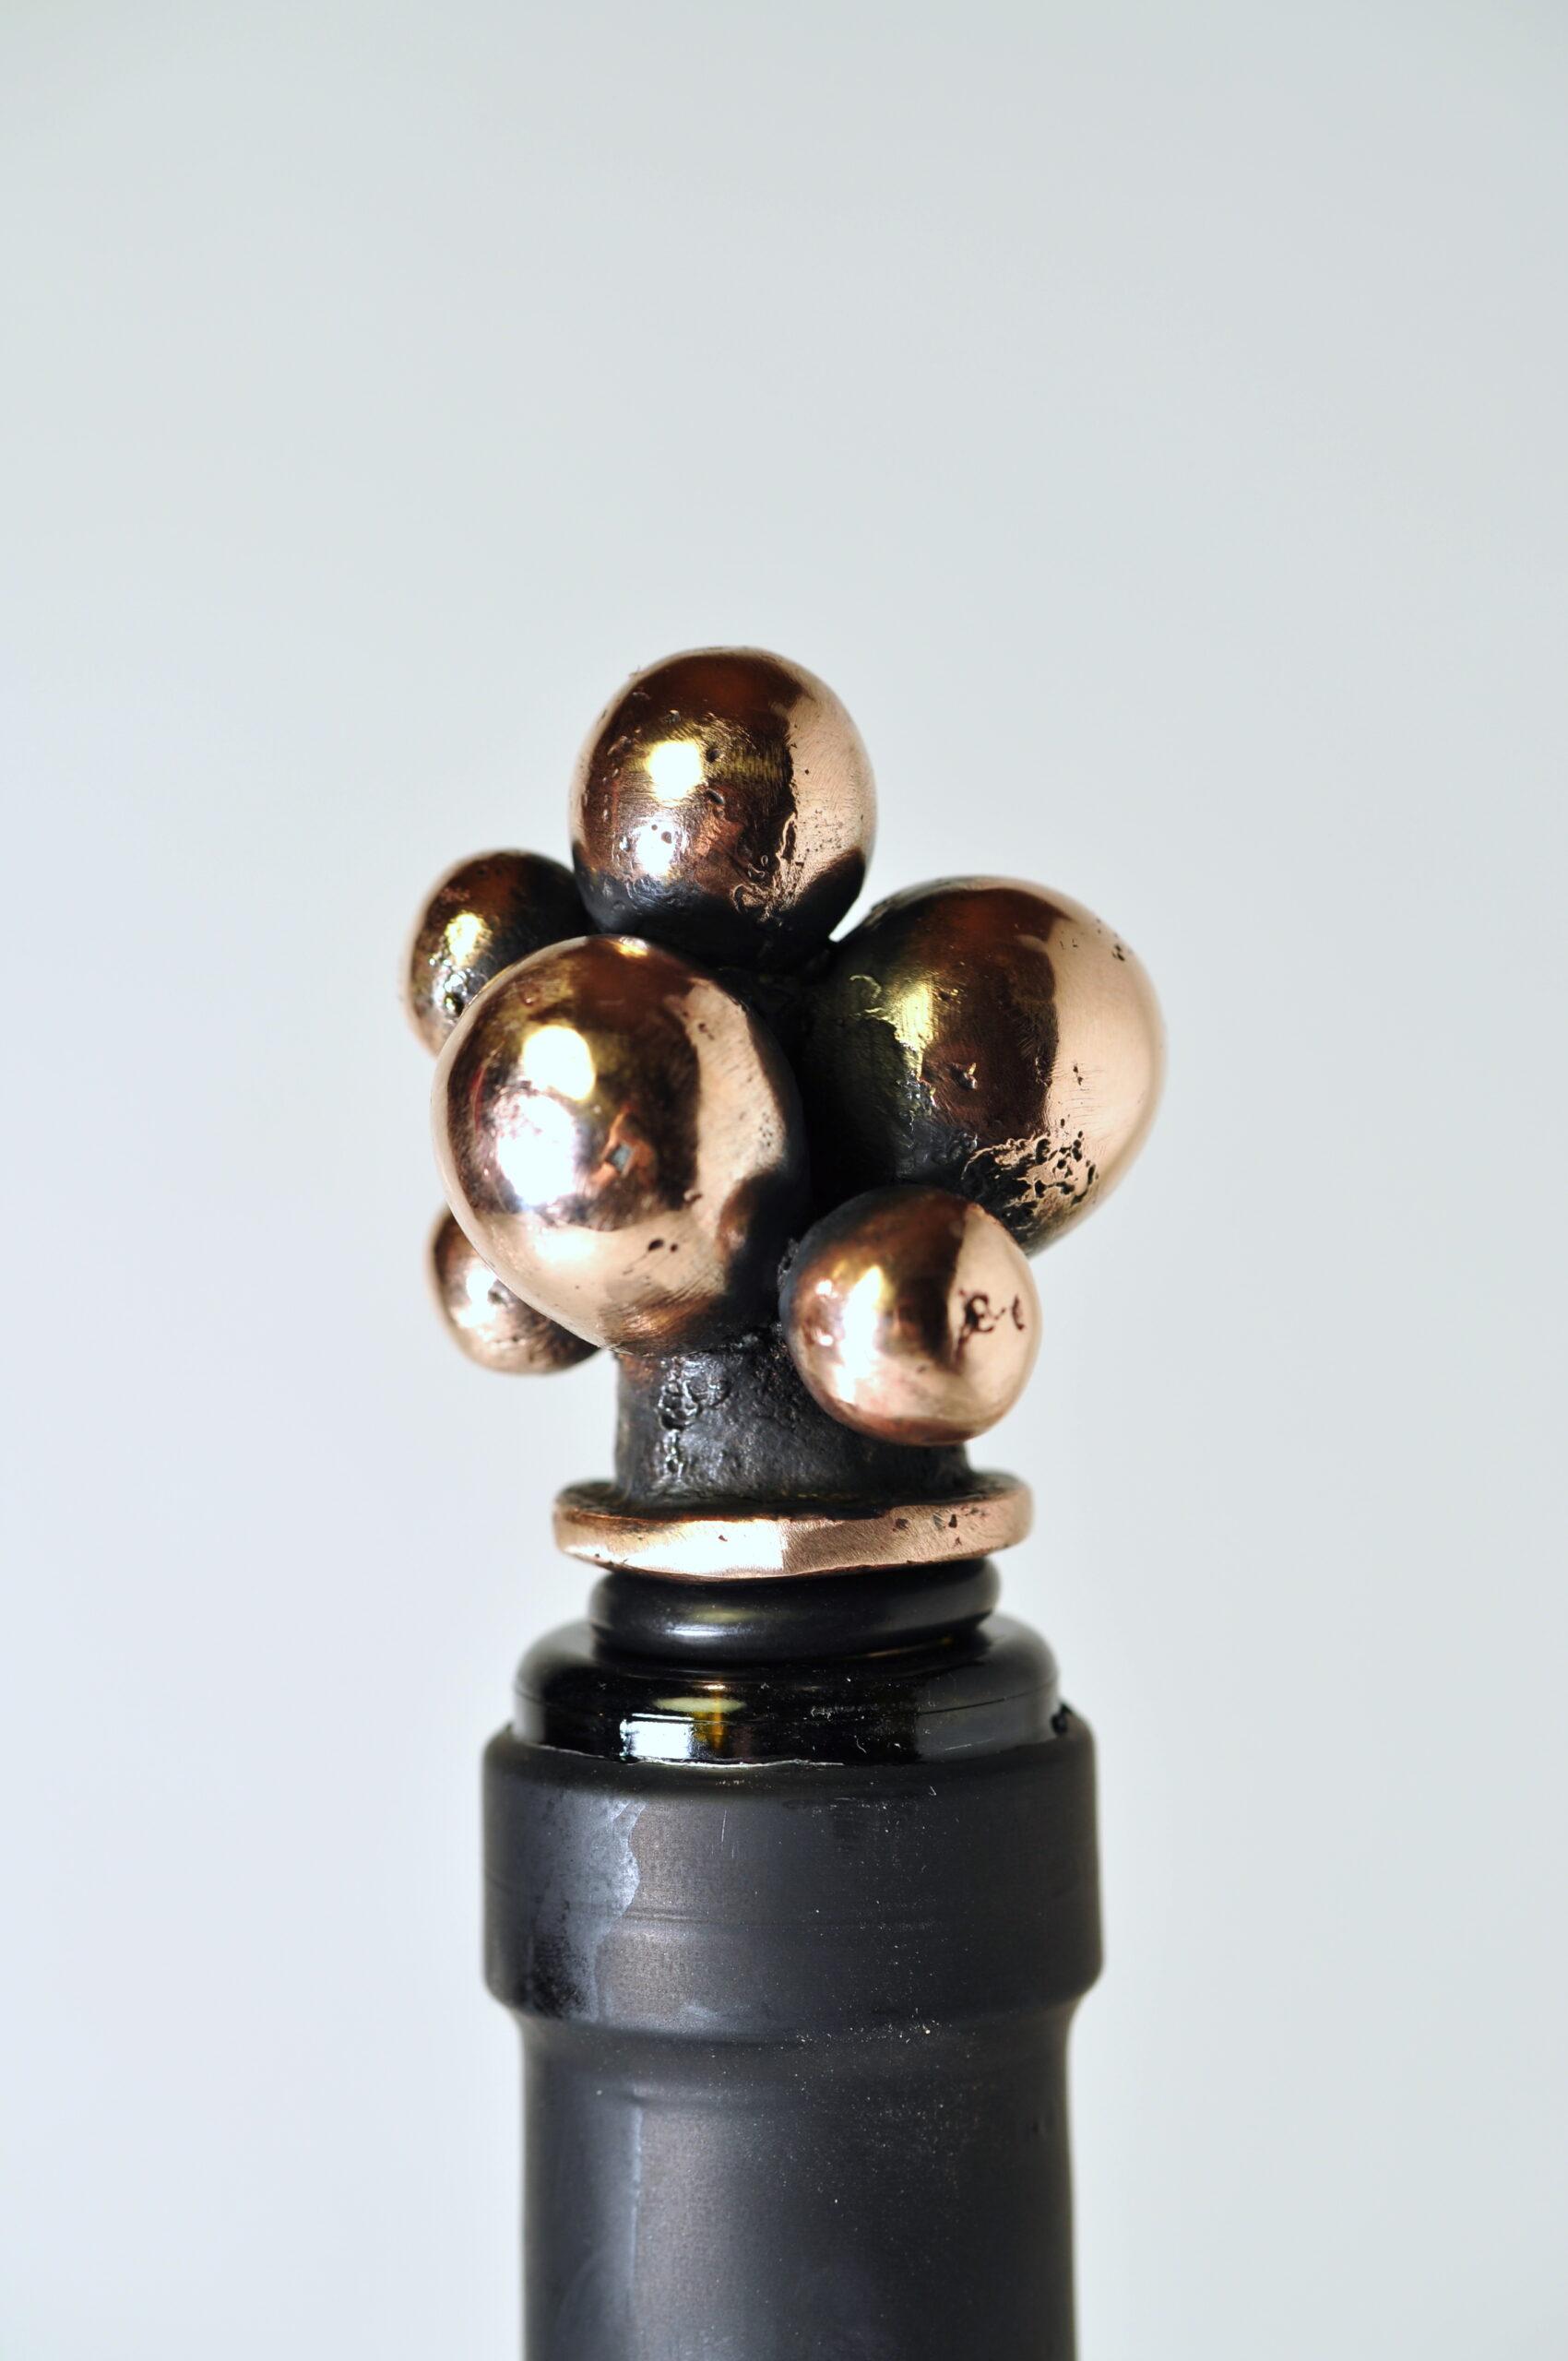 Vinprop i bronze - Druer.